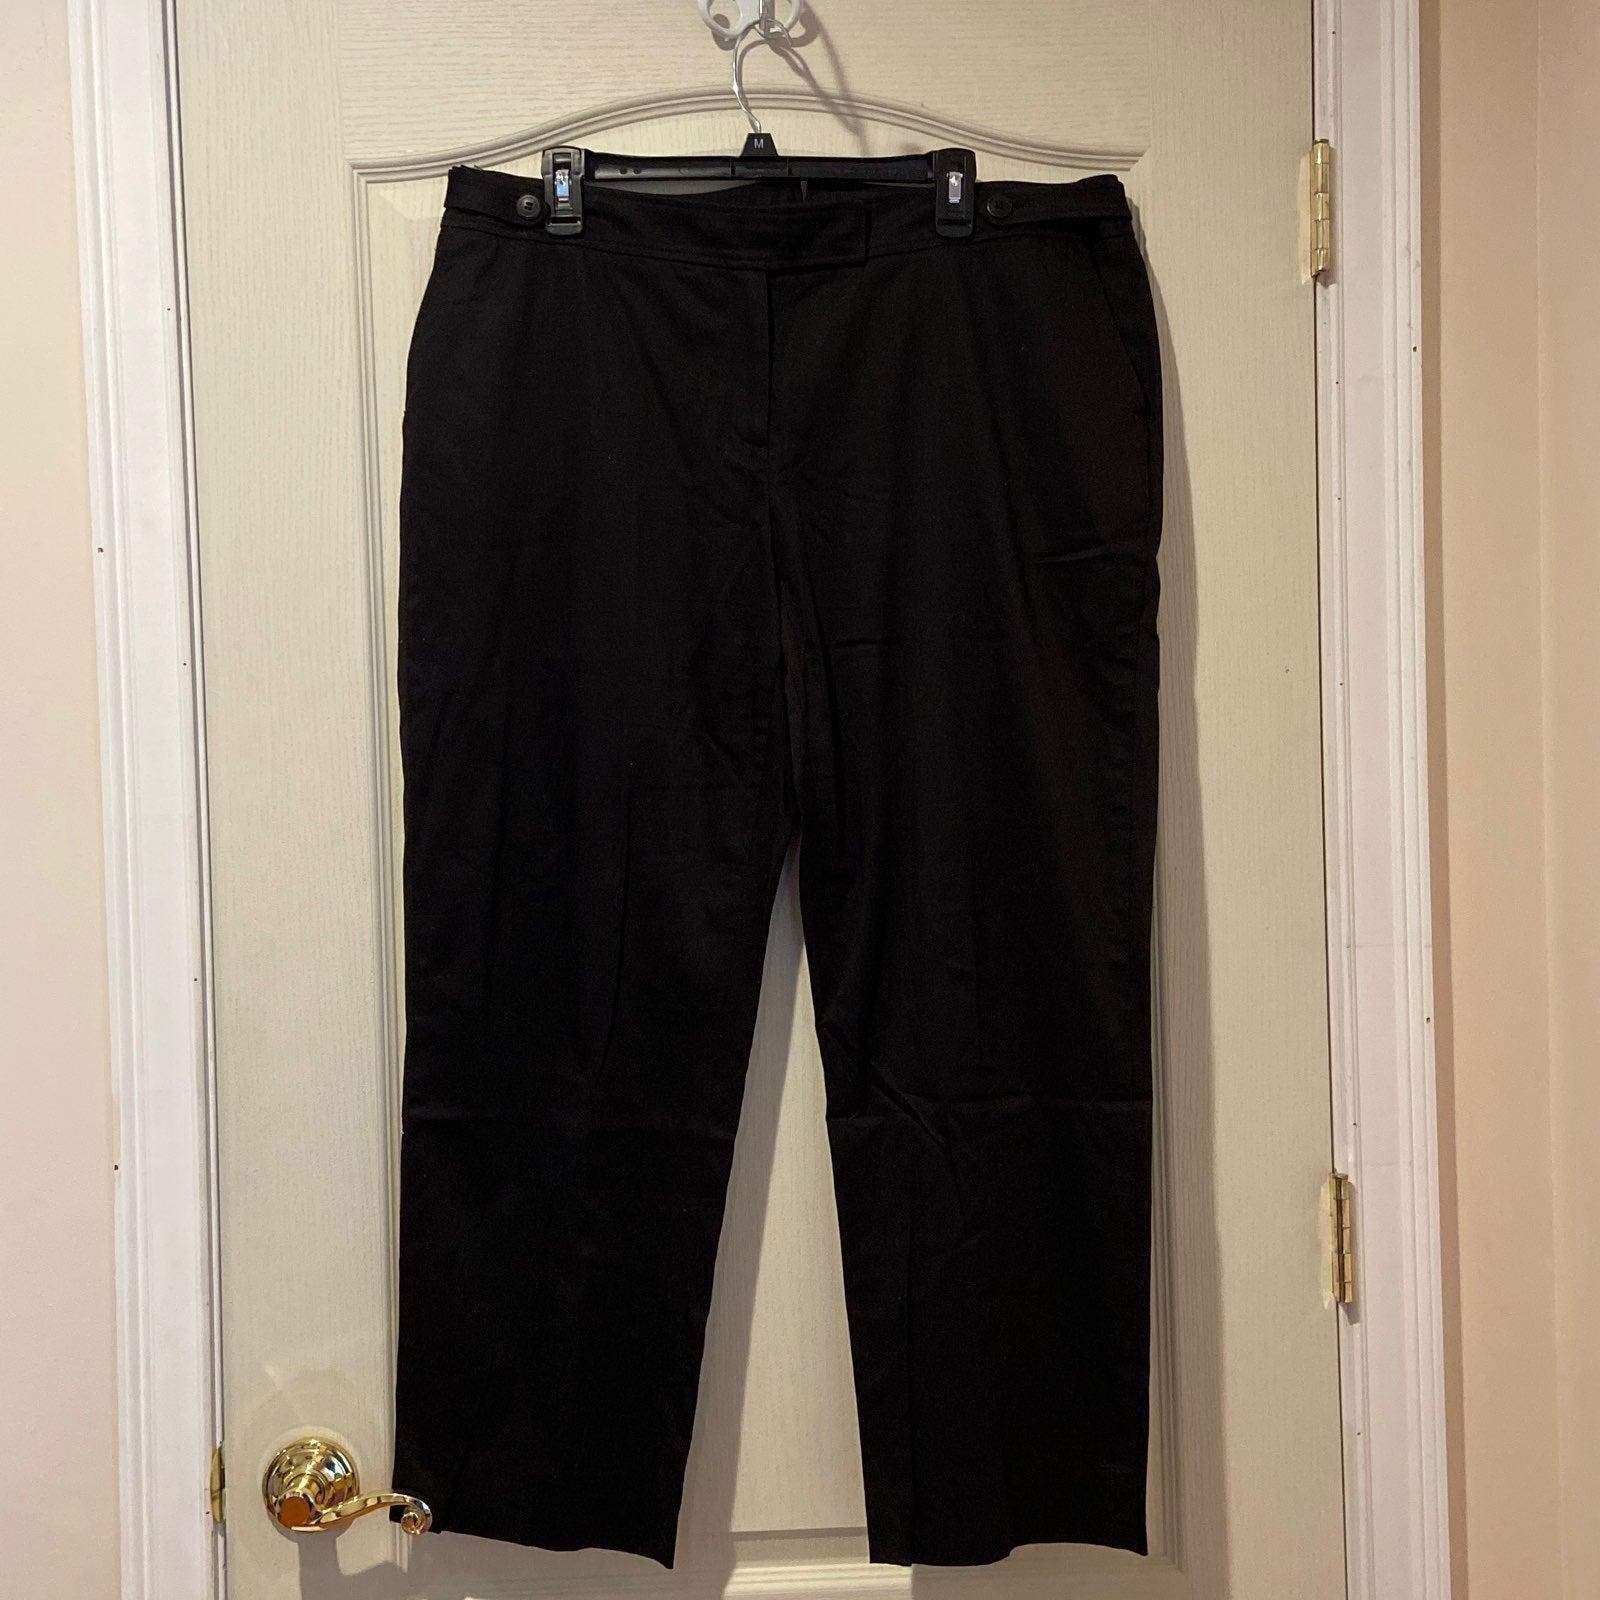 Apostrophe Woman Dress Pants